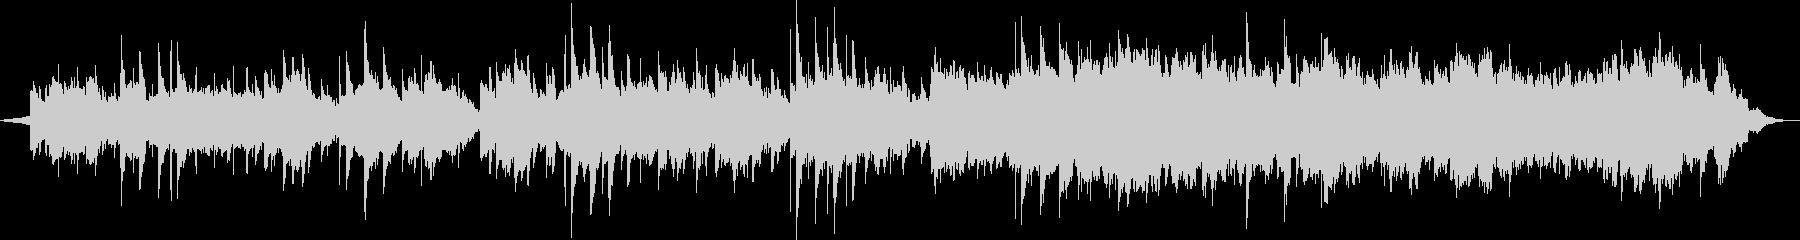 現代的 交響曲 コーポレート ほの...の未再生の波形